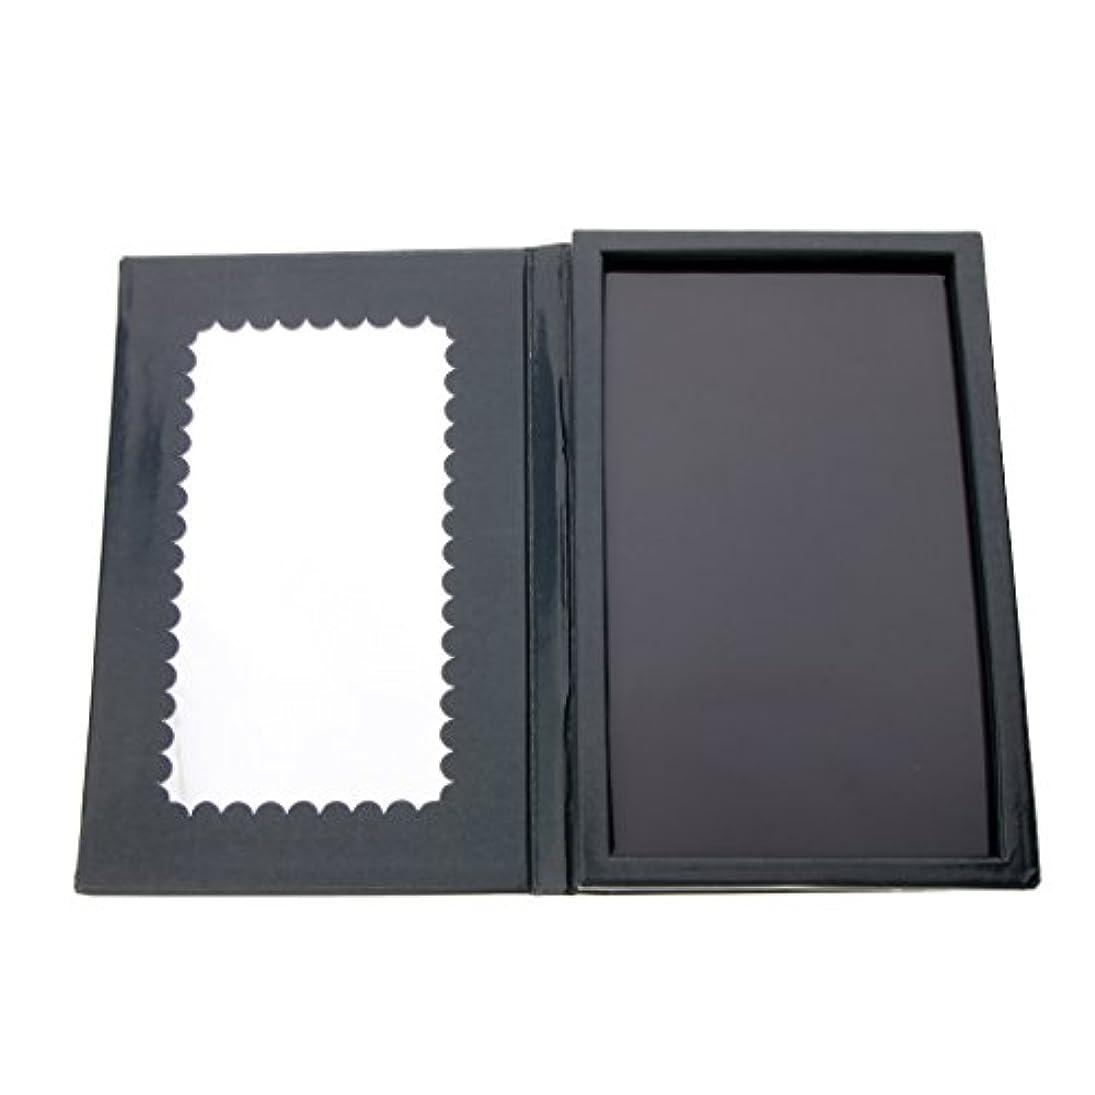 先小包魅力メイクアップ 空パレット 磁気パレット 化粧品ケース アイシャドウ パウダー 整理 保管 旅行 便利